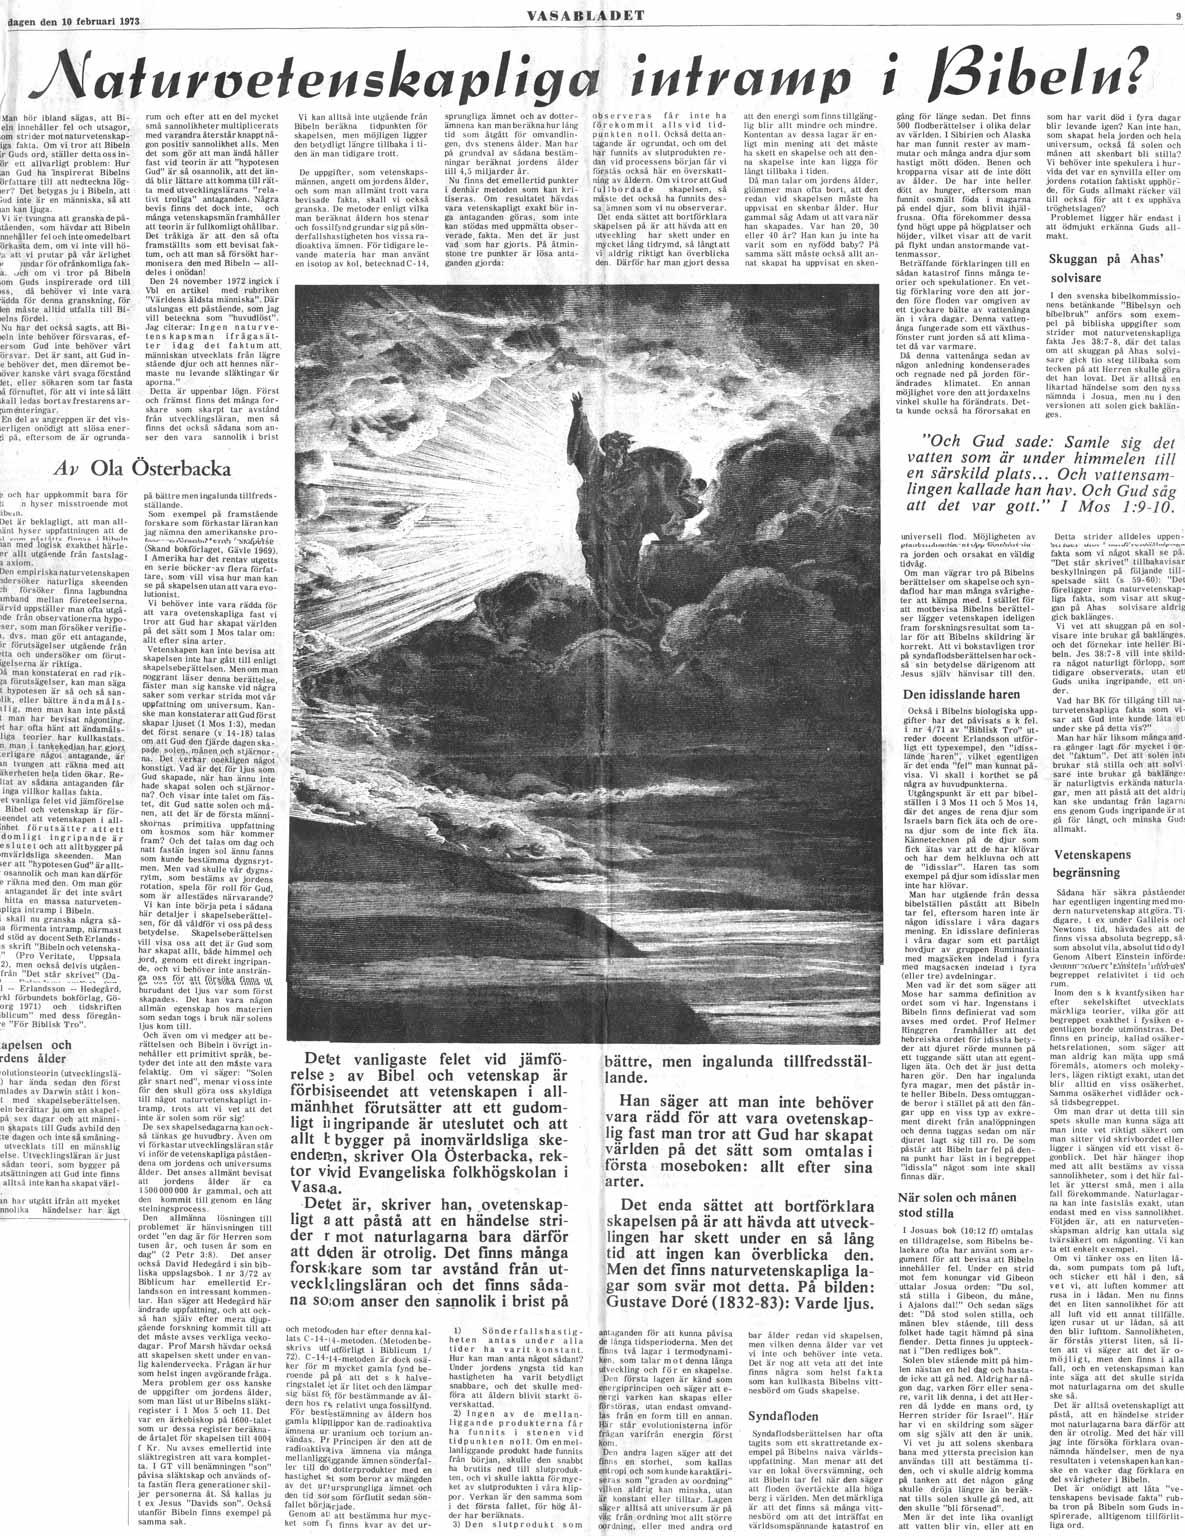 Mitt föredrag om Bibelns trovärdighet slogs överraskande upp på en hel sida i Vasabladet.